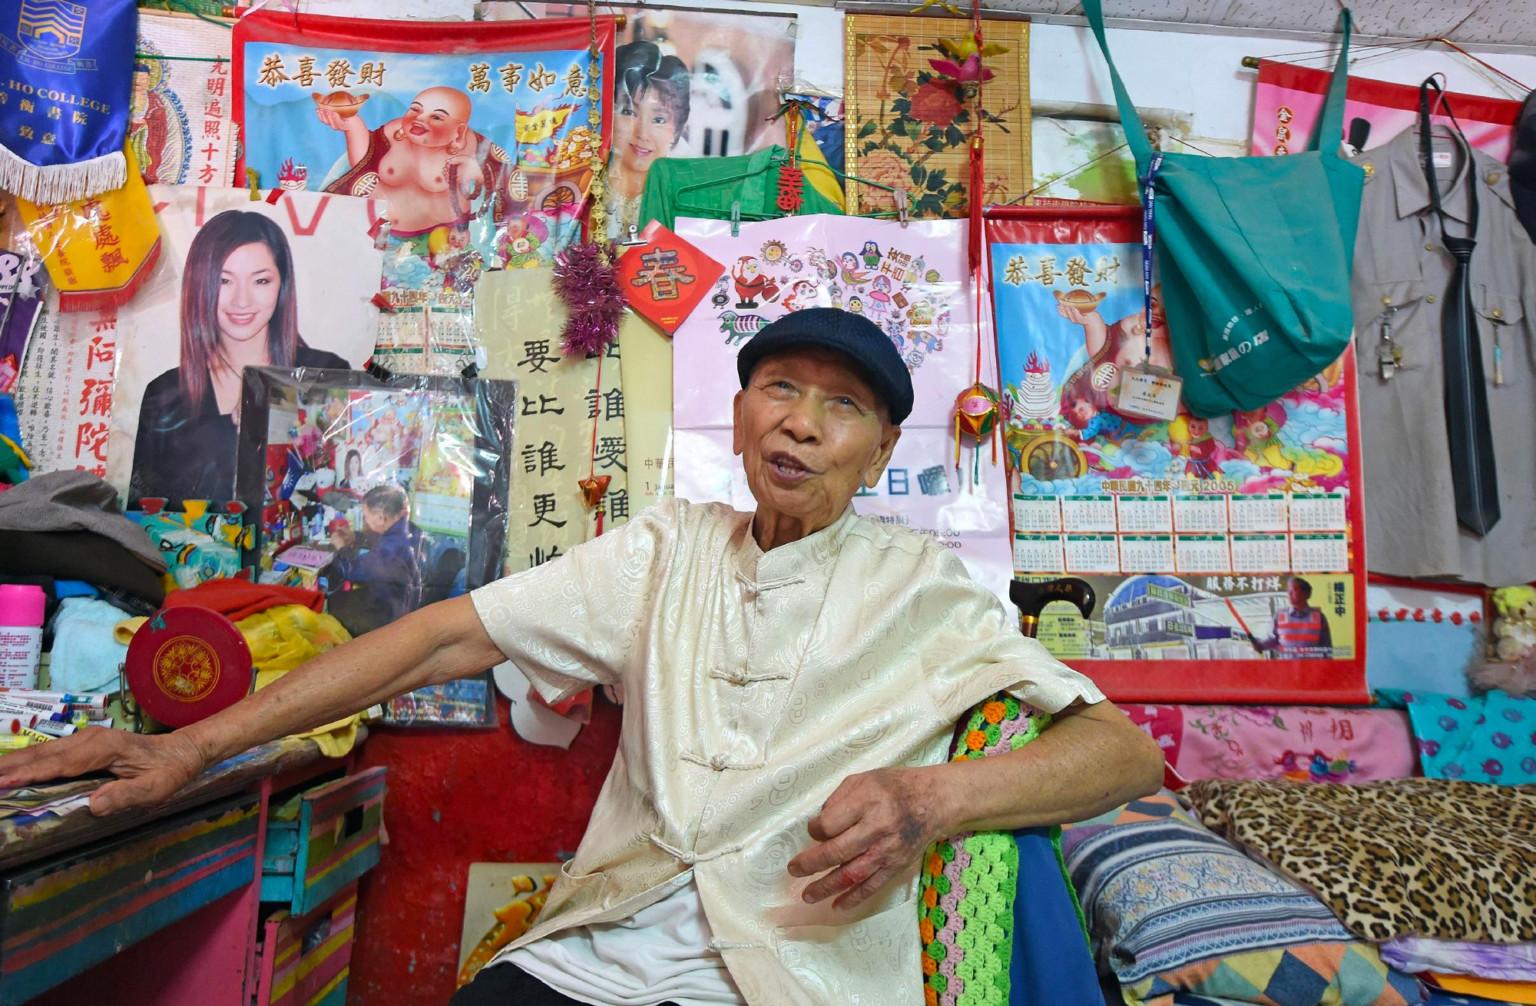 huang-yung-fu-11-768x503@2x